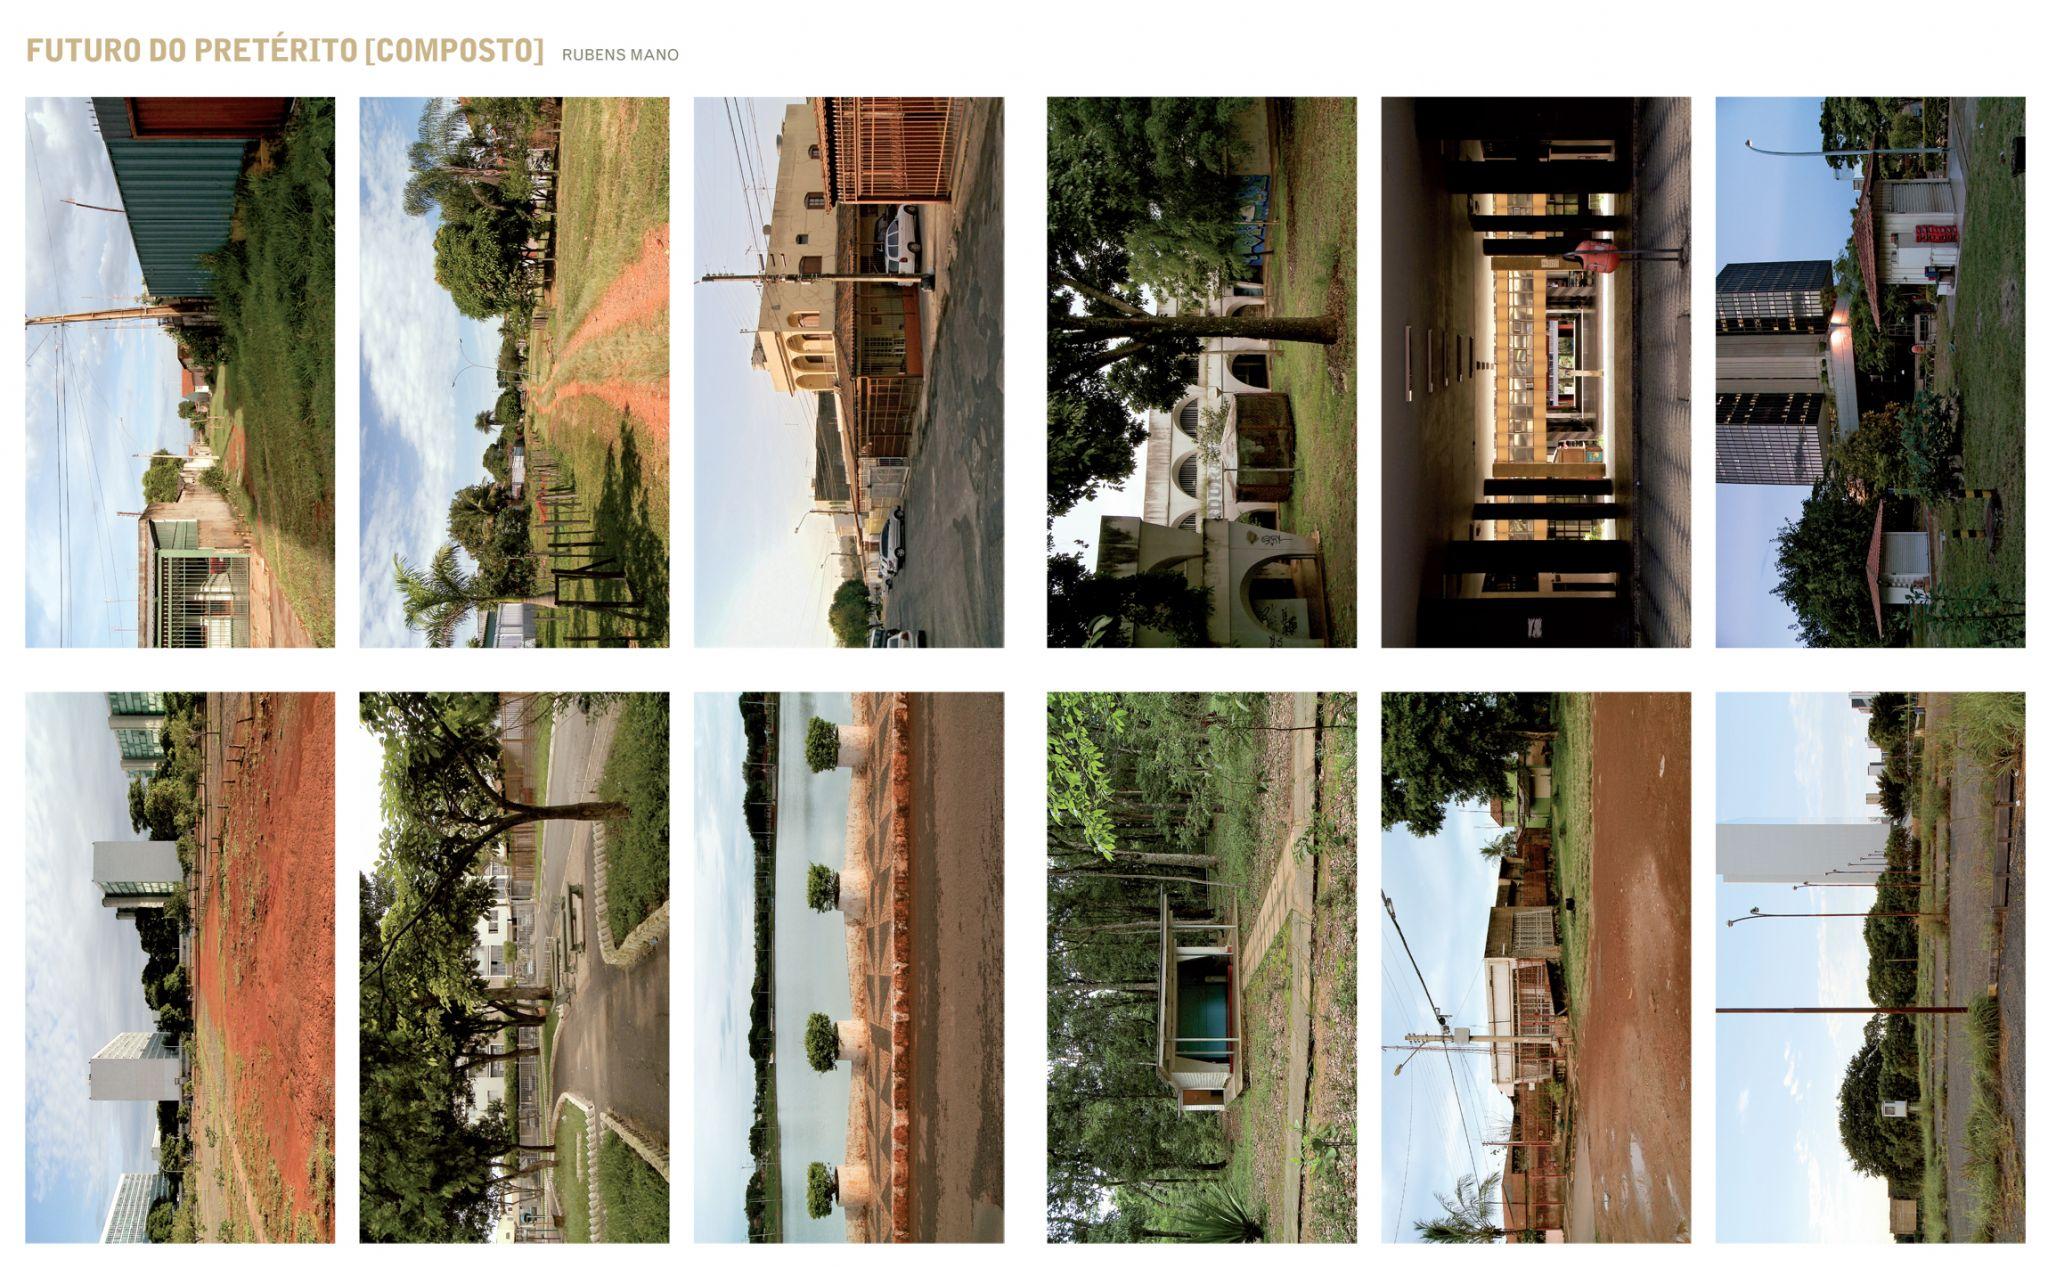 O paulistano Rubens Mano apresenta uma coleção de 60 fotografias extraídas de seus vídeos de Brasília. Neste álbum fotográfico, a capital do país é vista de forma pouco comum, em que planejamento e informalidade embaralham a rígida separação entre plano piloto e cidades-satélites.